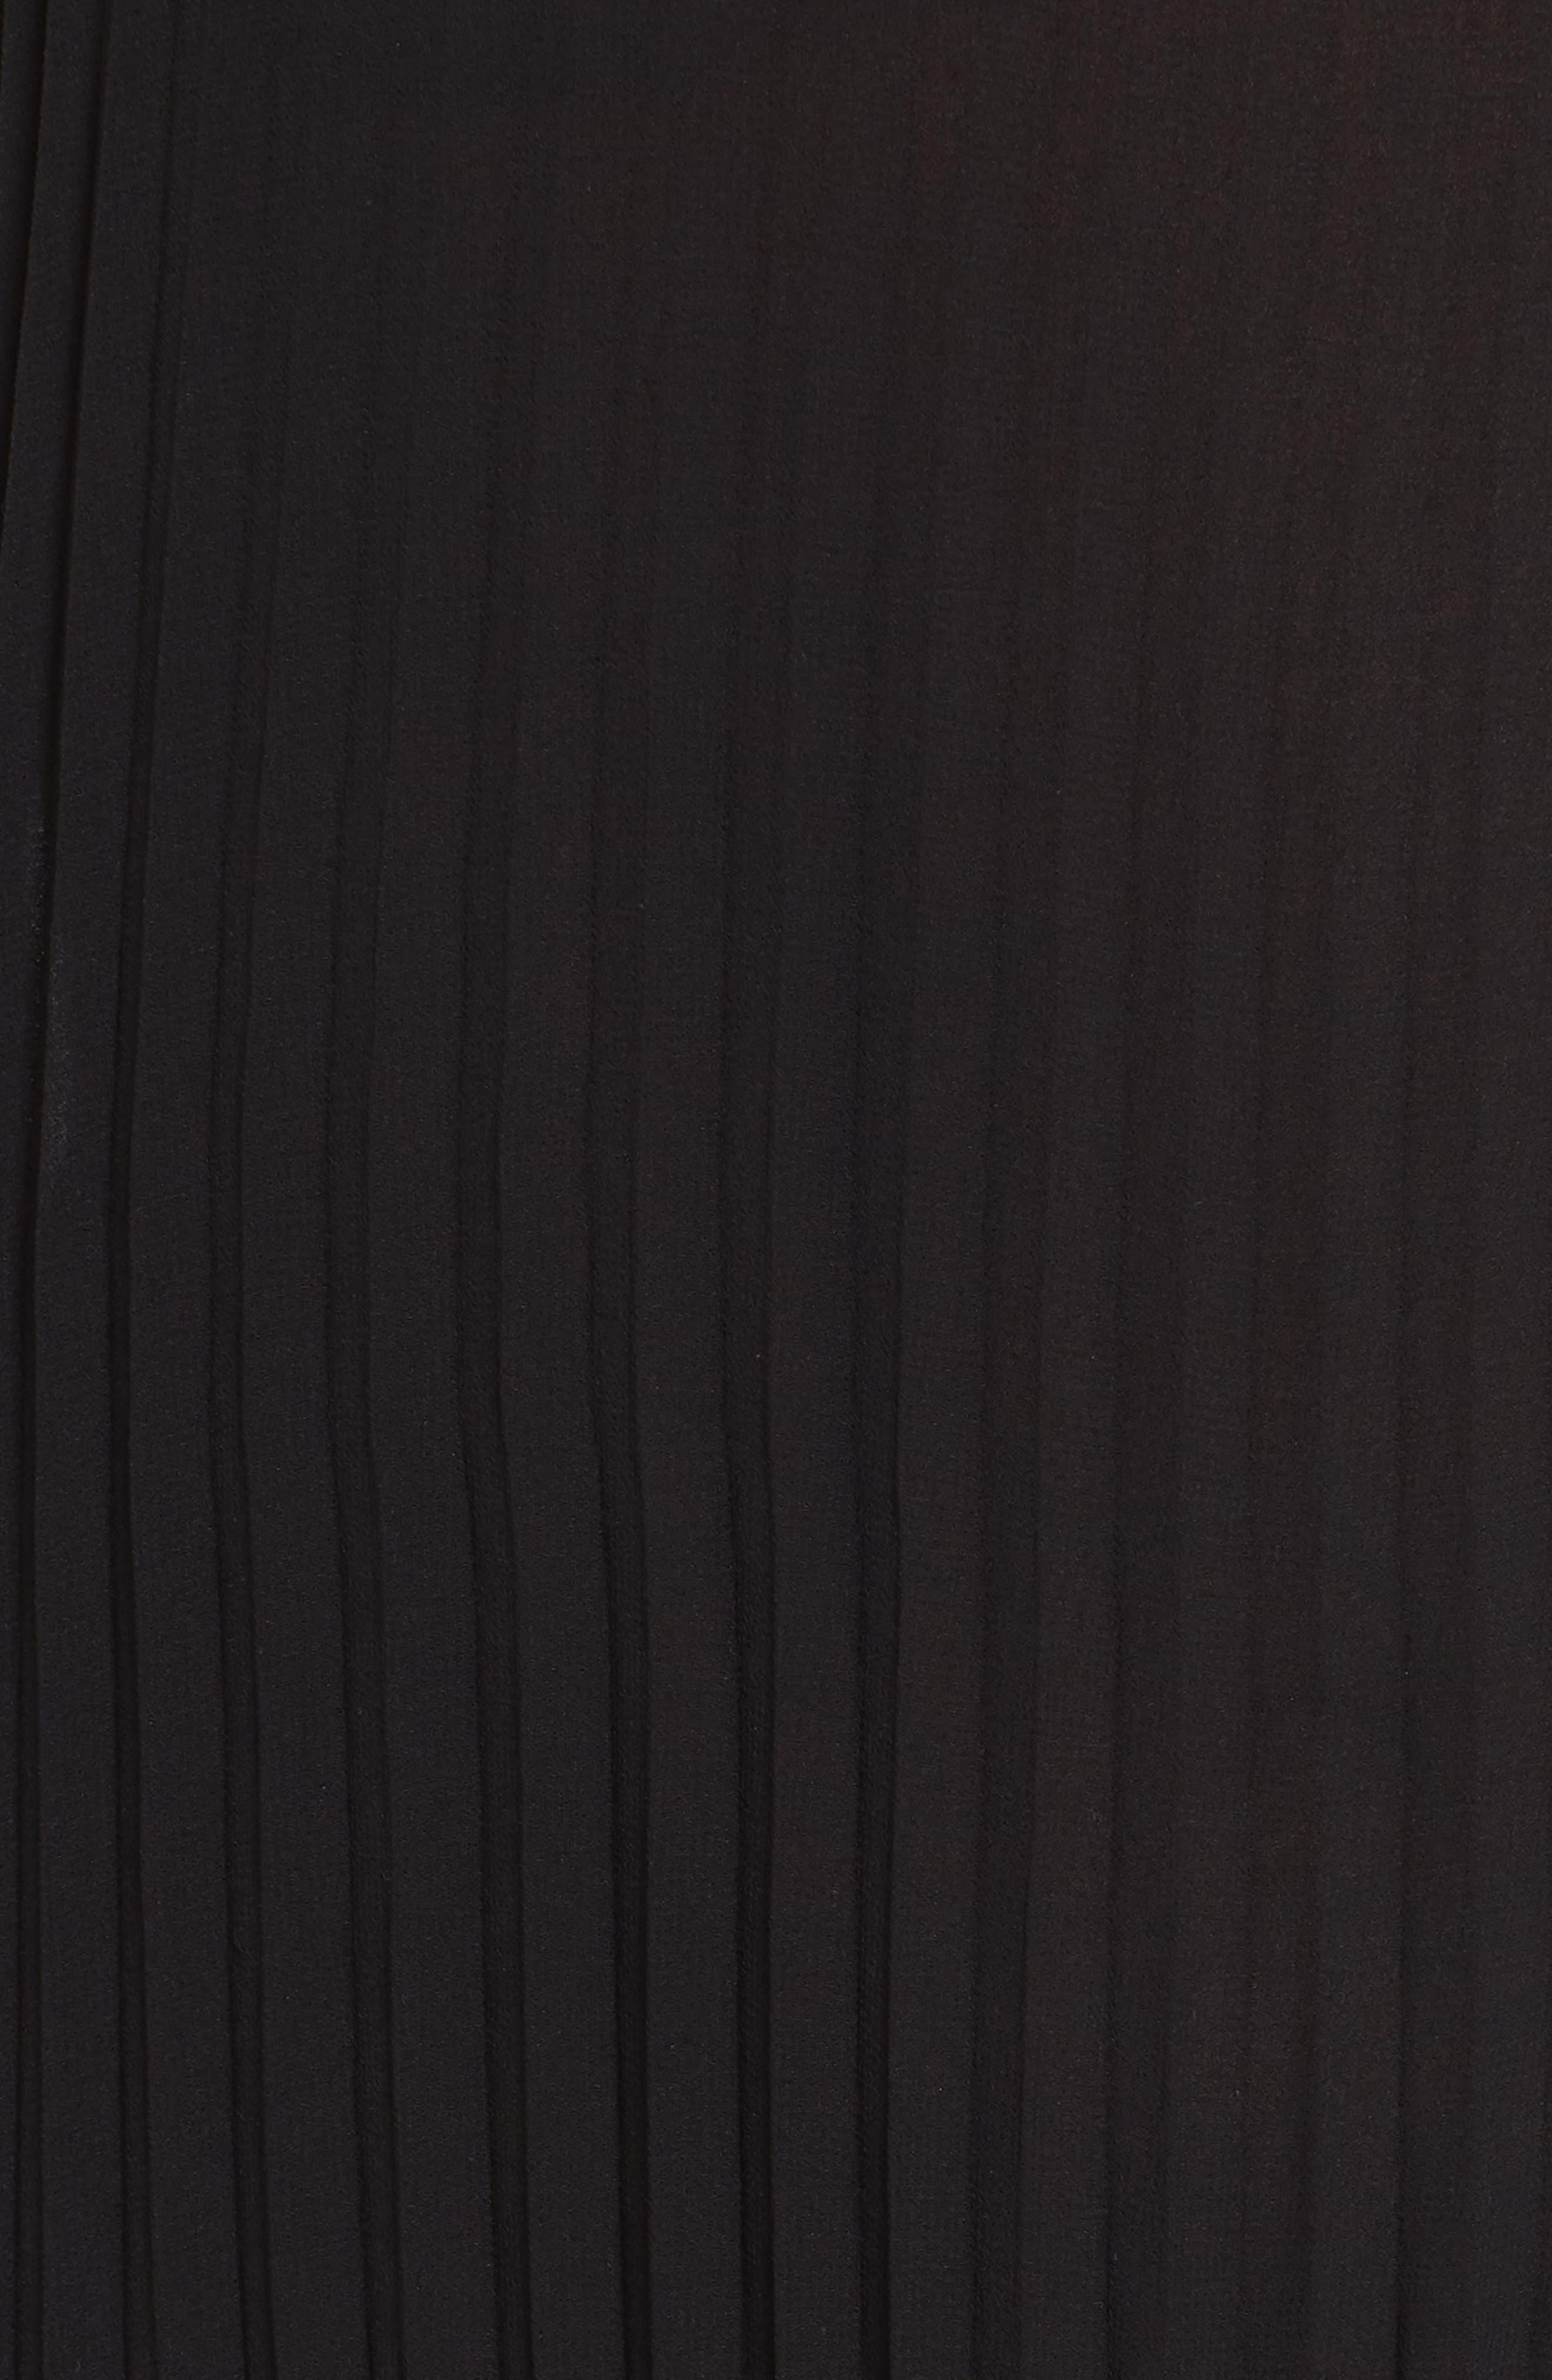 Chiffon Maxi Dress,                             Alternate thumbnail 5, color,                             Black